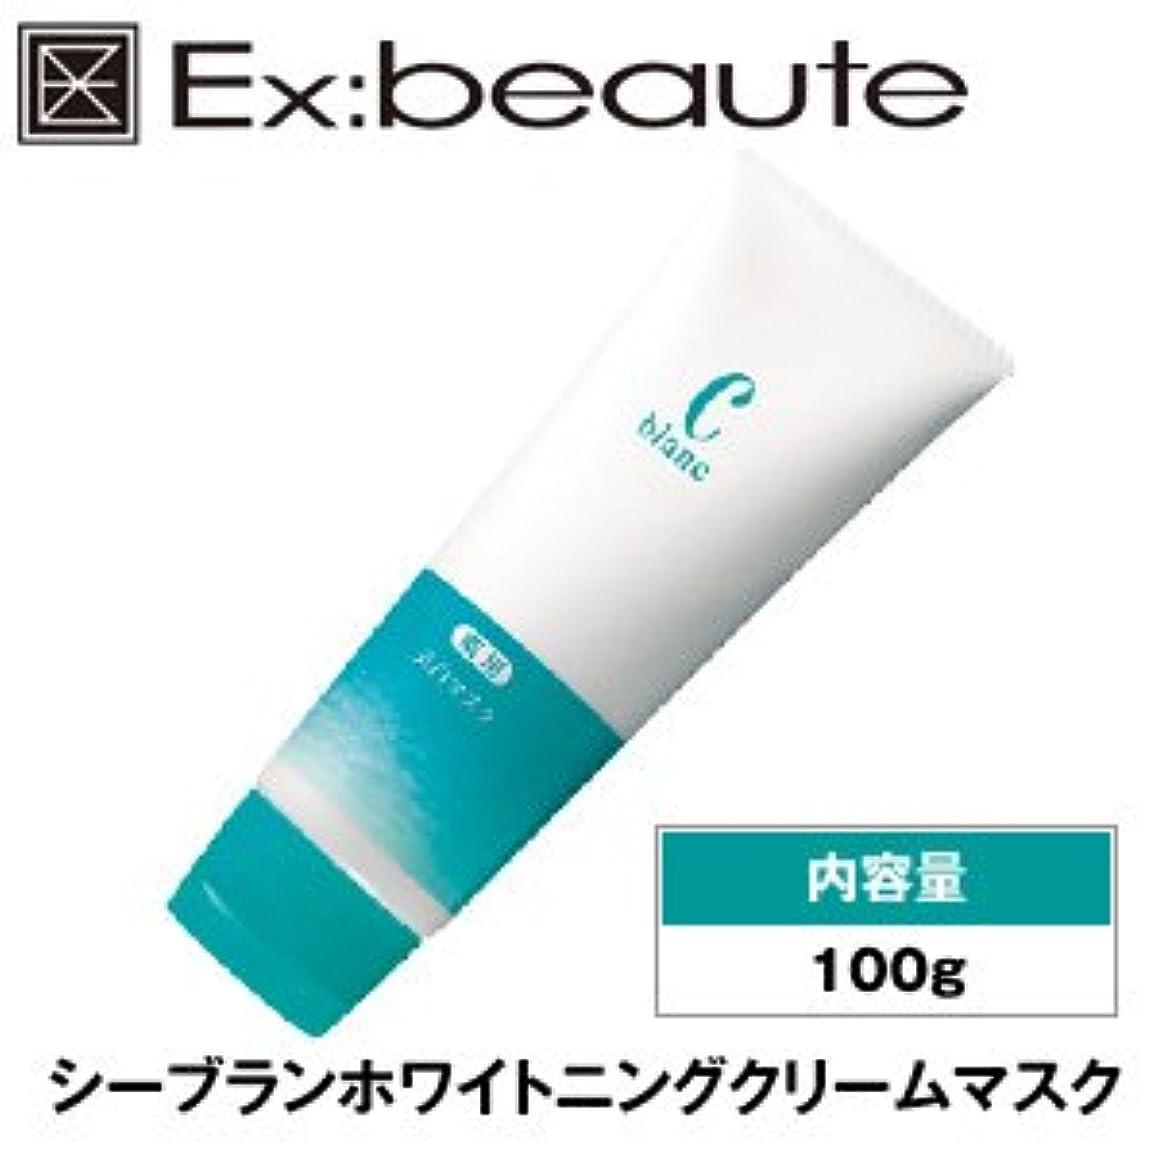 サイレント夫受け継ぐEx:beaute (エクスボーテ) シーブラン ホワイトニングクリームマスク